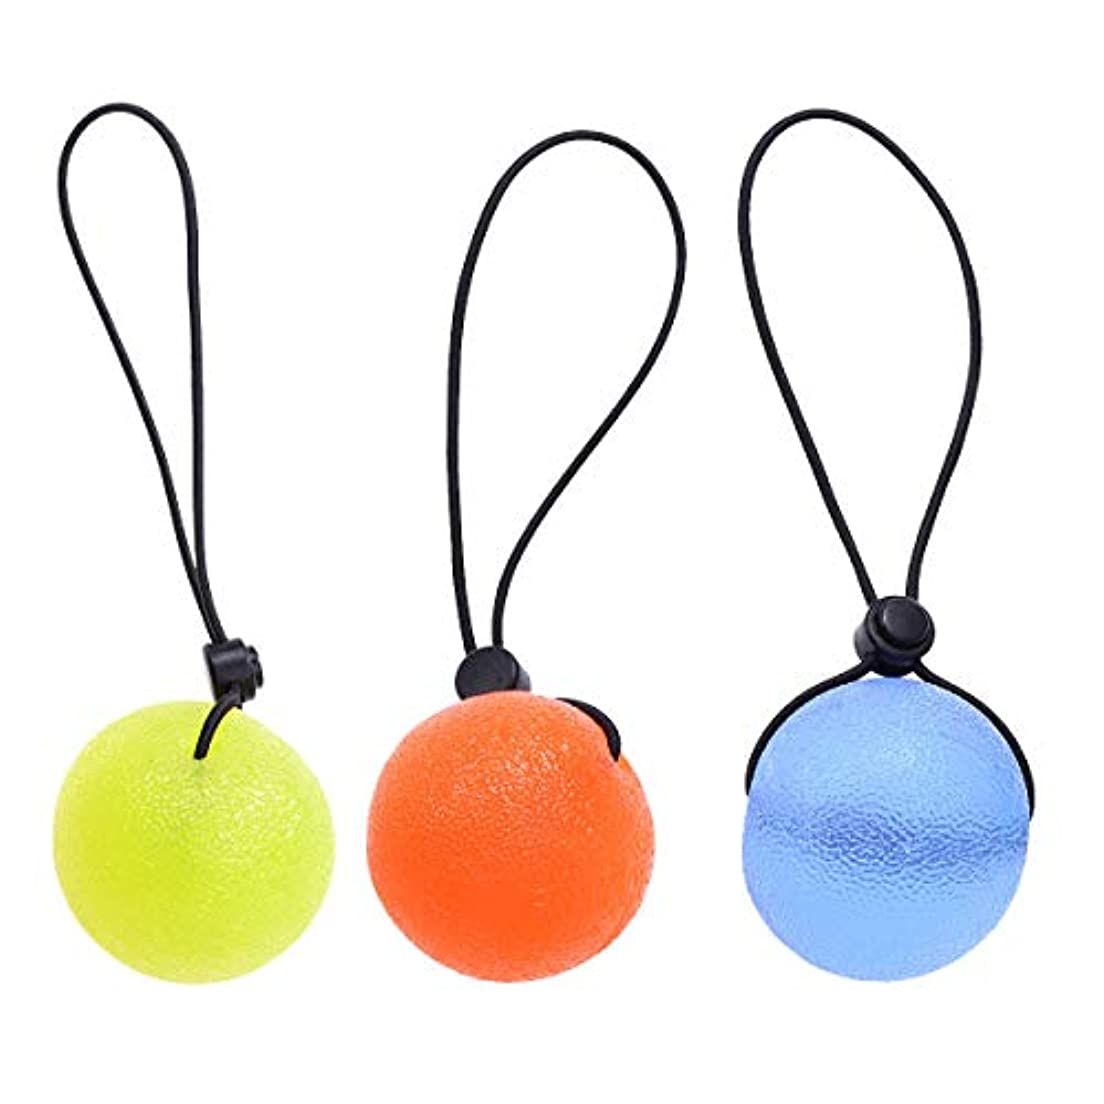 不毛エーカー鳴り響くSUPVOX 3個ハンドグリップ強化剤フィンガーグリップセラピーエクササイズスクイズストレスボール